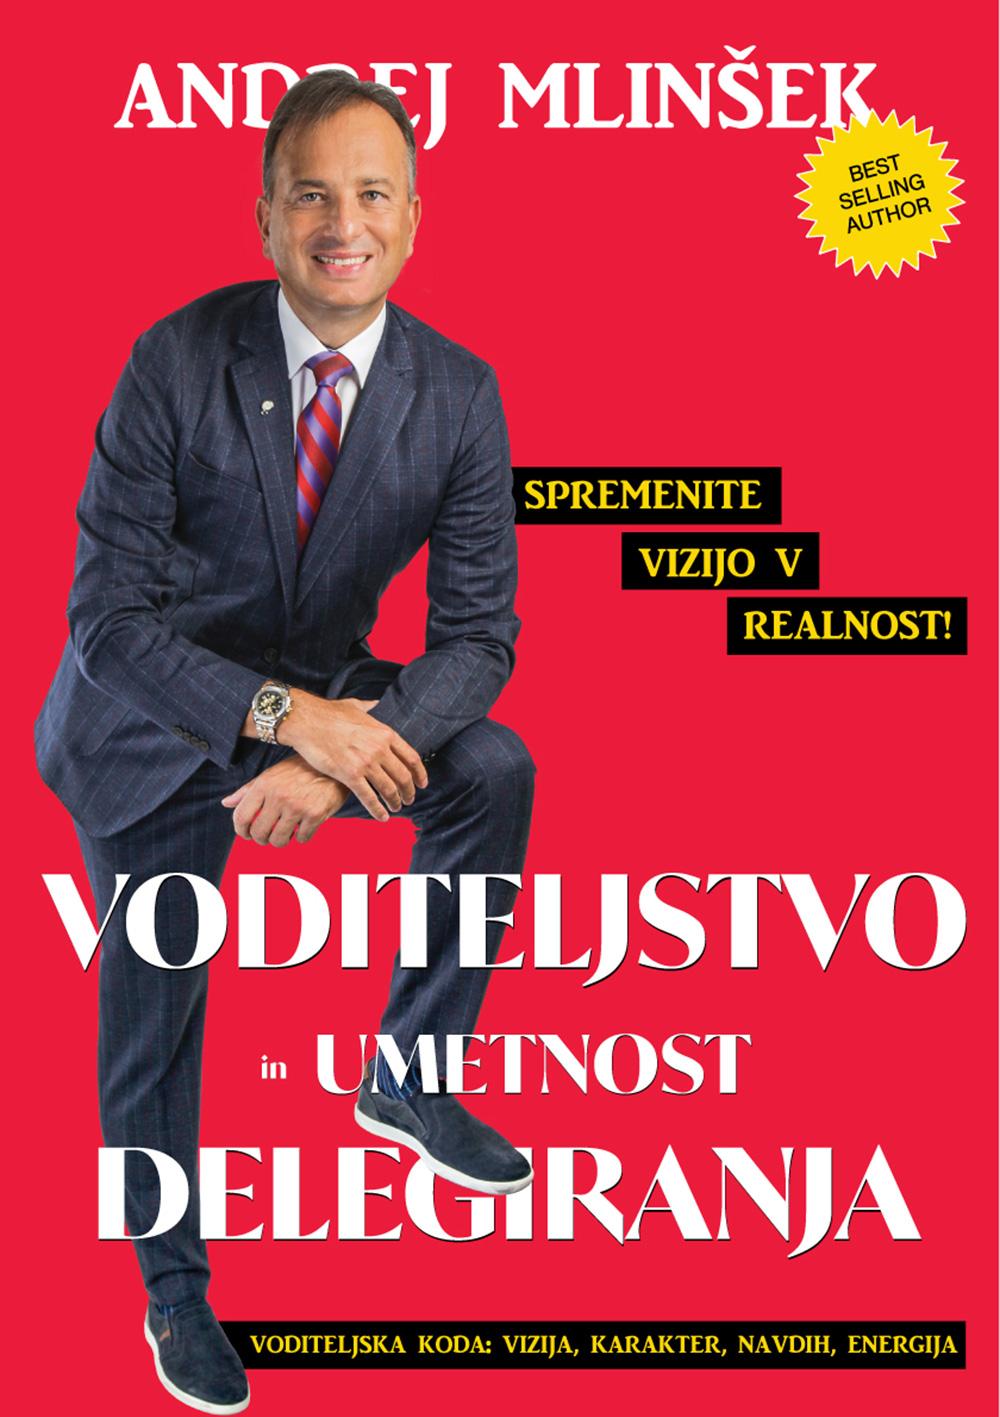 vizualno-oblikovanje-knjiga-voditeljstvo-in-umetnost-delegiranja-naslovnica